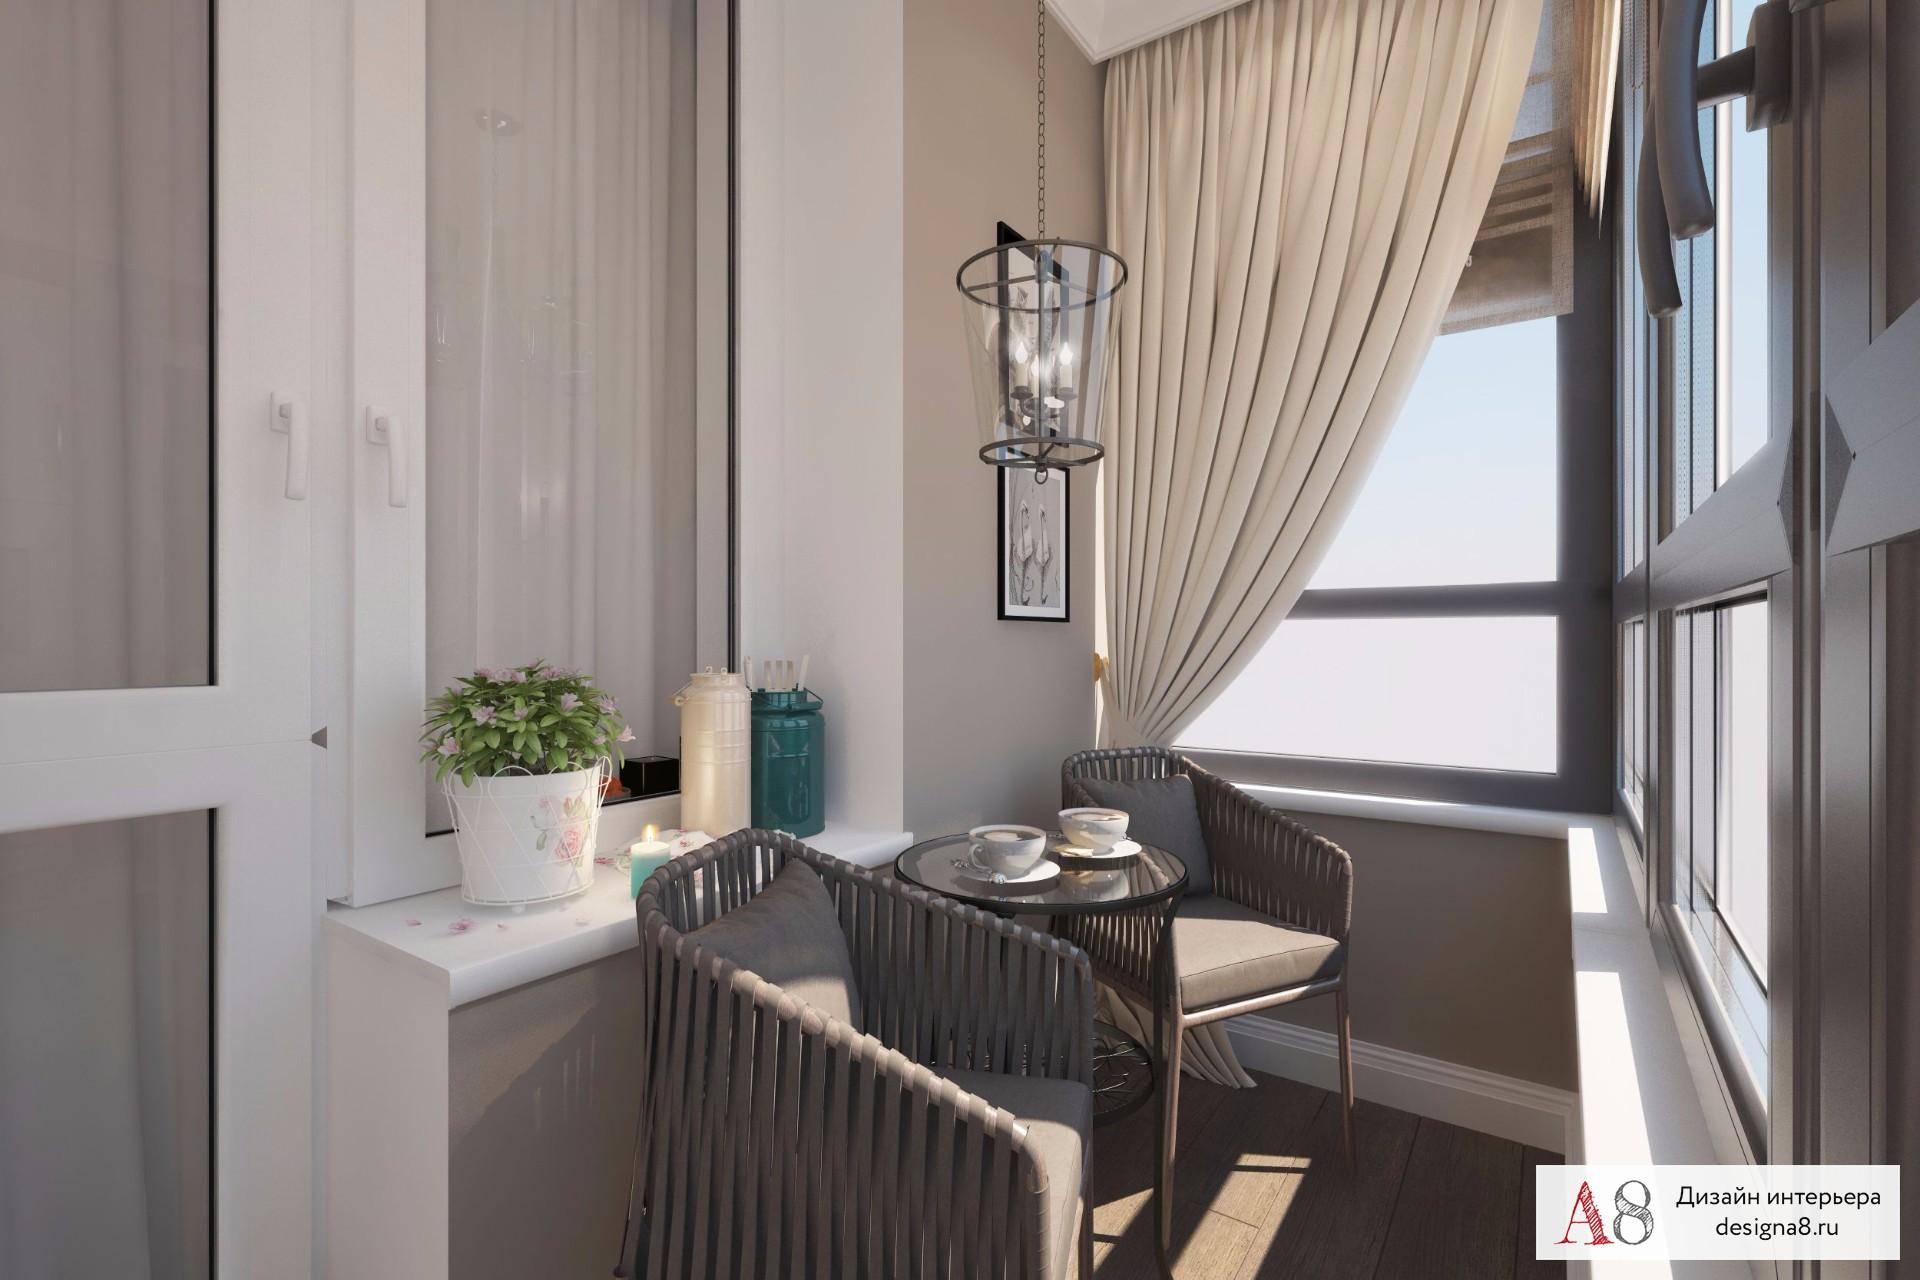 Дизайн проект однокомнатной квартиры на парнасе - фото дизай.